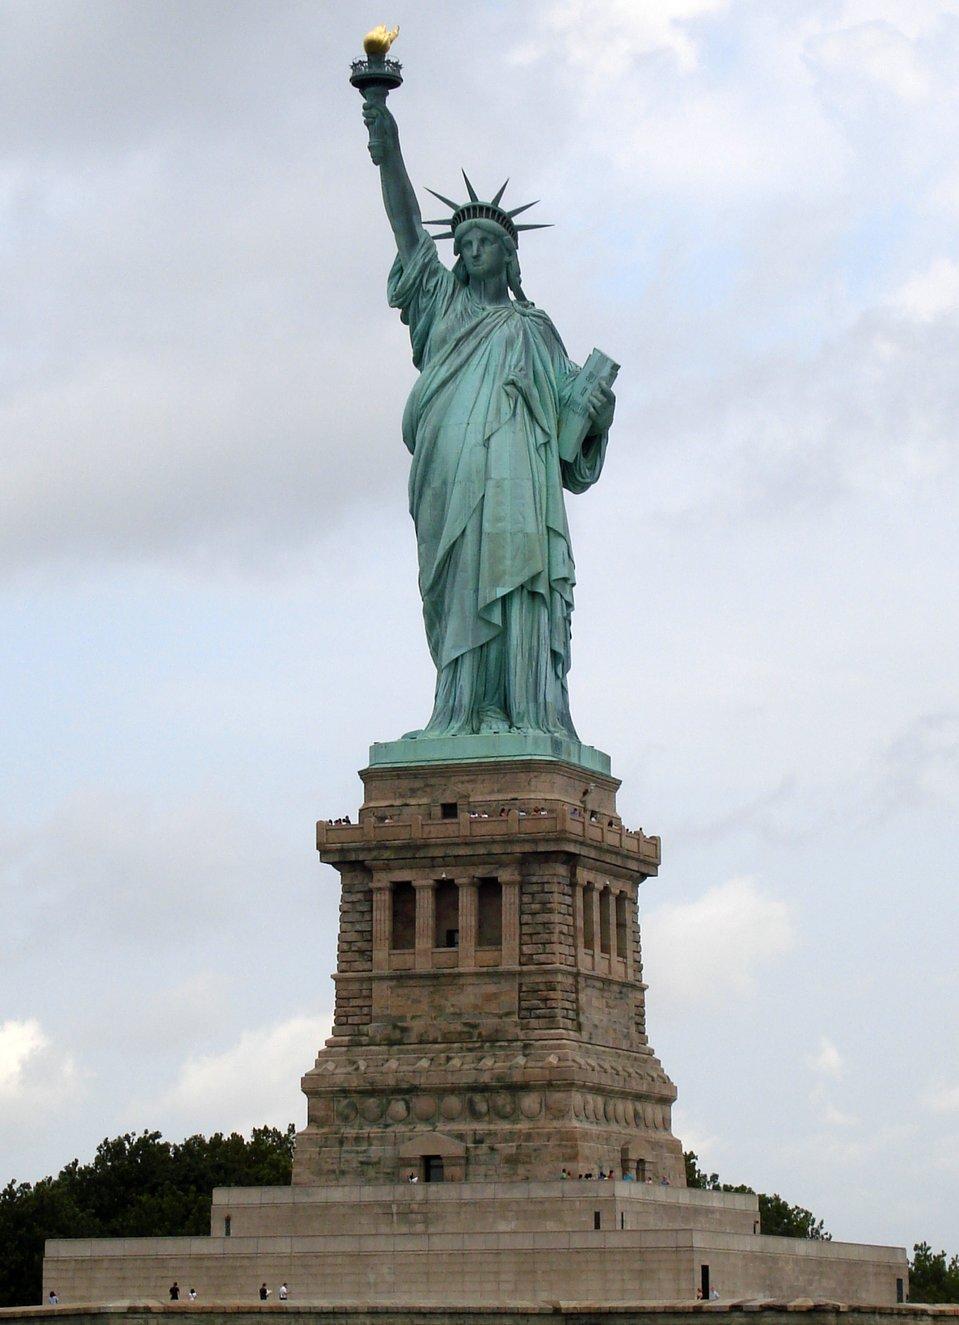 Statua Wolności wNowym Jorku Statua Wolności wNowym Jorku Źródło: Elcobbola, Wikimedia Commons, licencja: CC BY-SA 3.0.